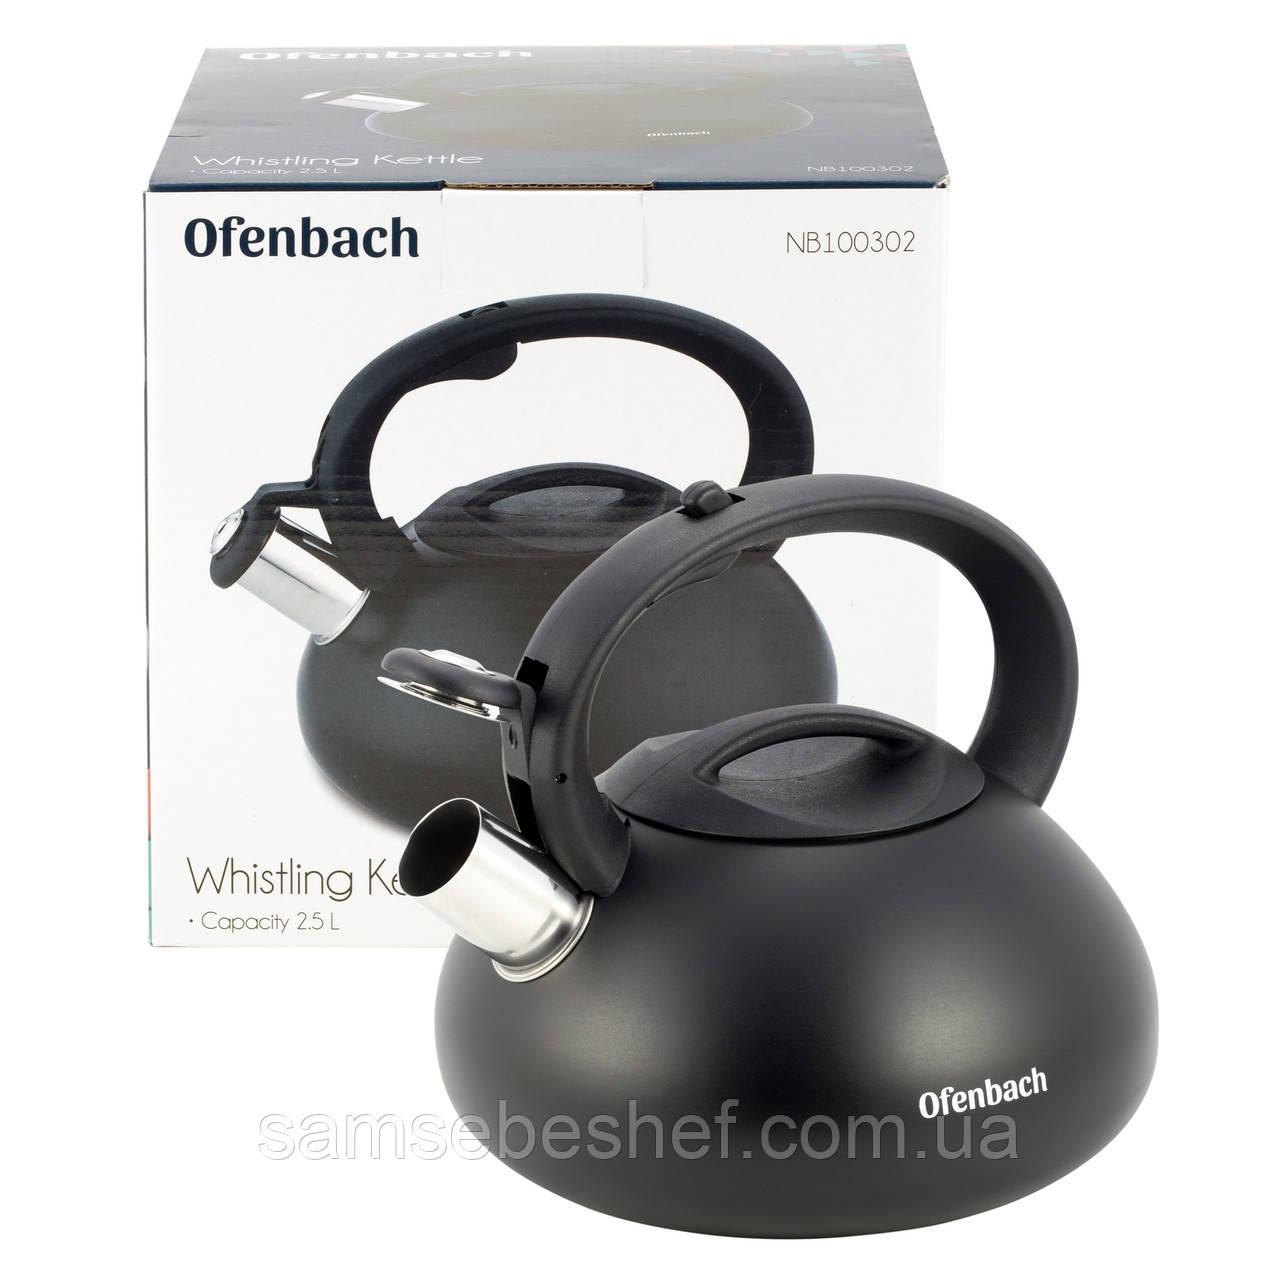 Чайник Ofenbach Черный 2.5л из нержавеющей стали со свистком и нейлоновой ручкой для индукции и газа KM-100302